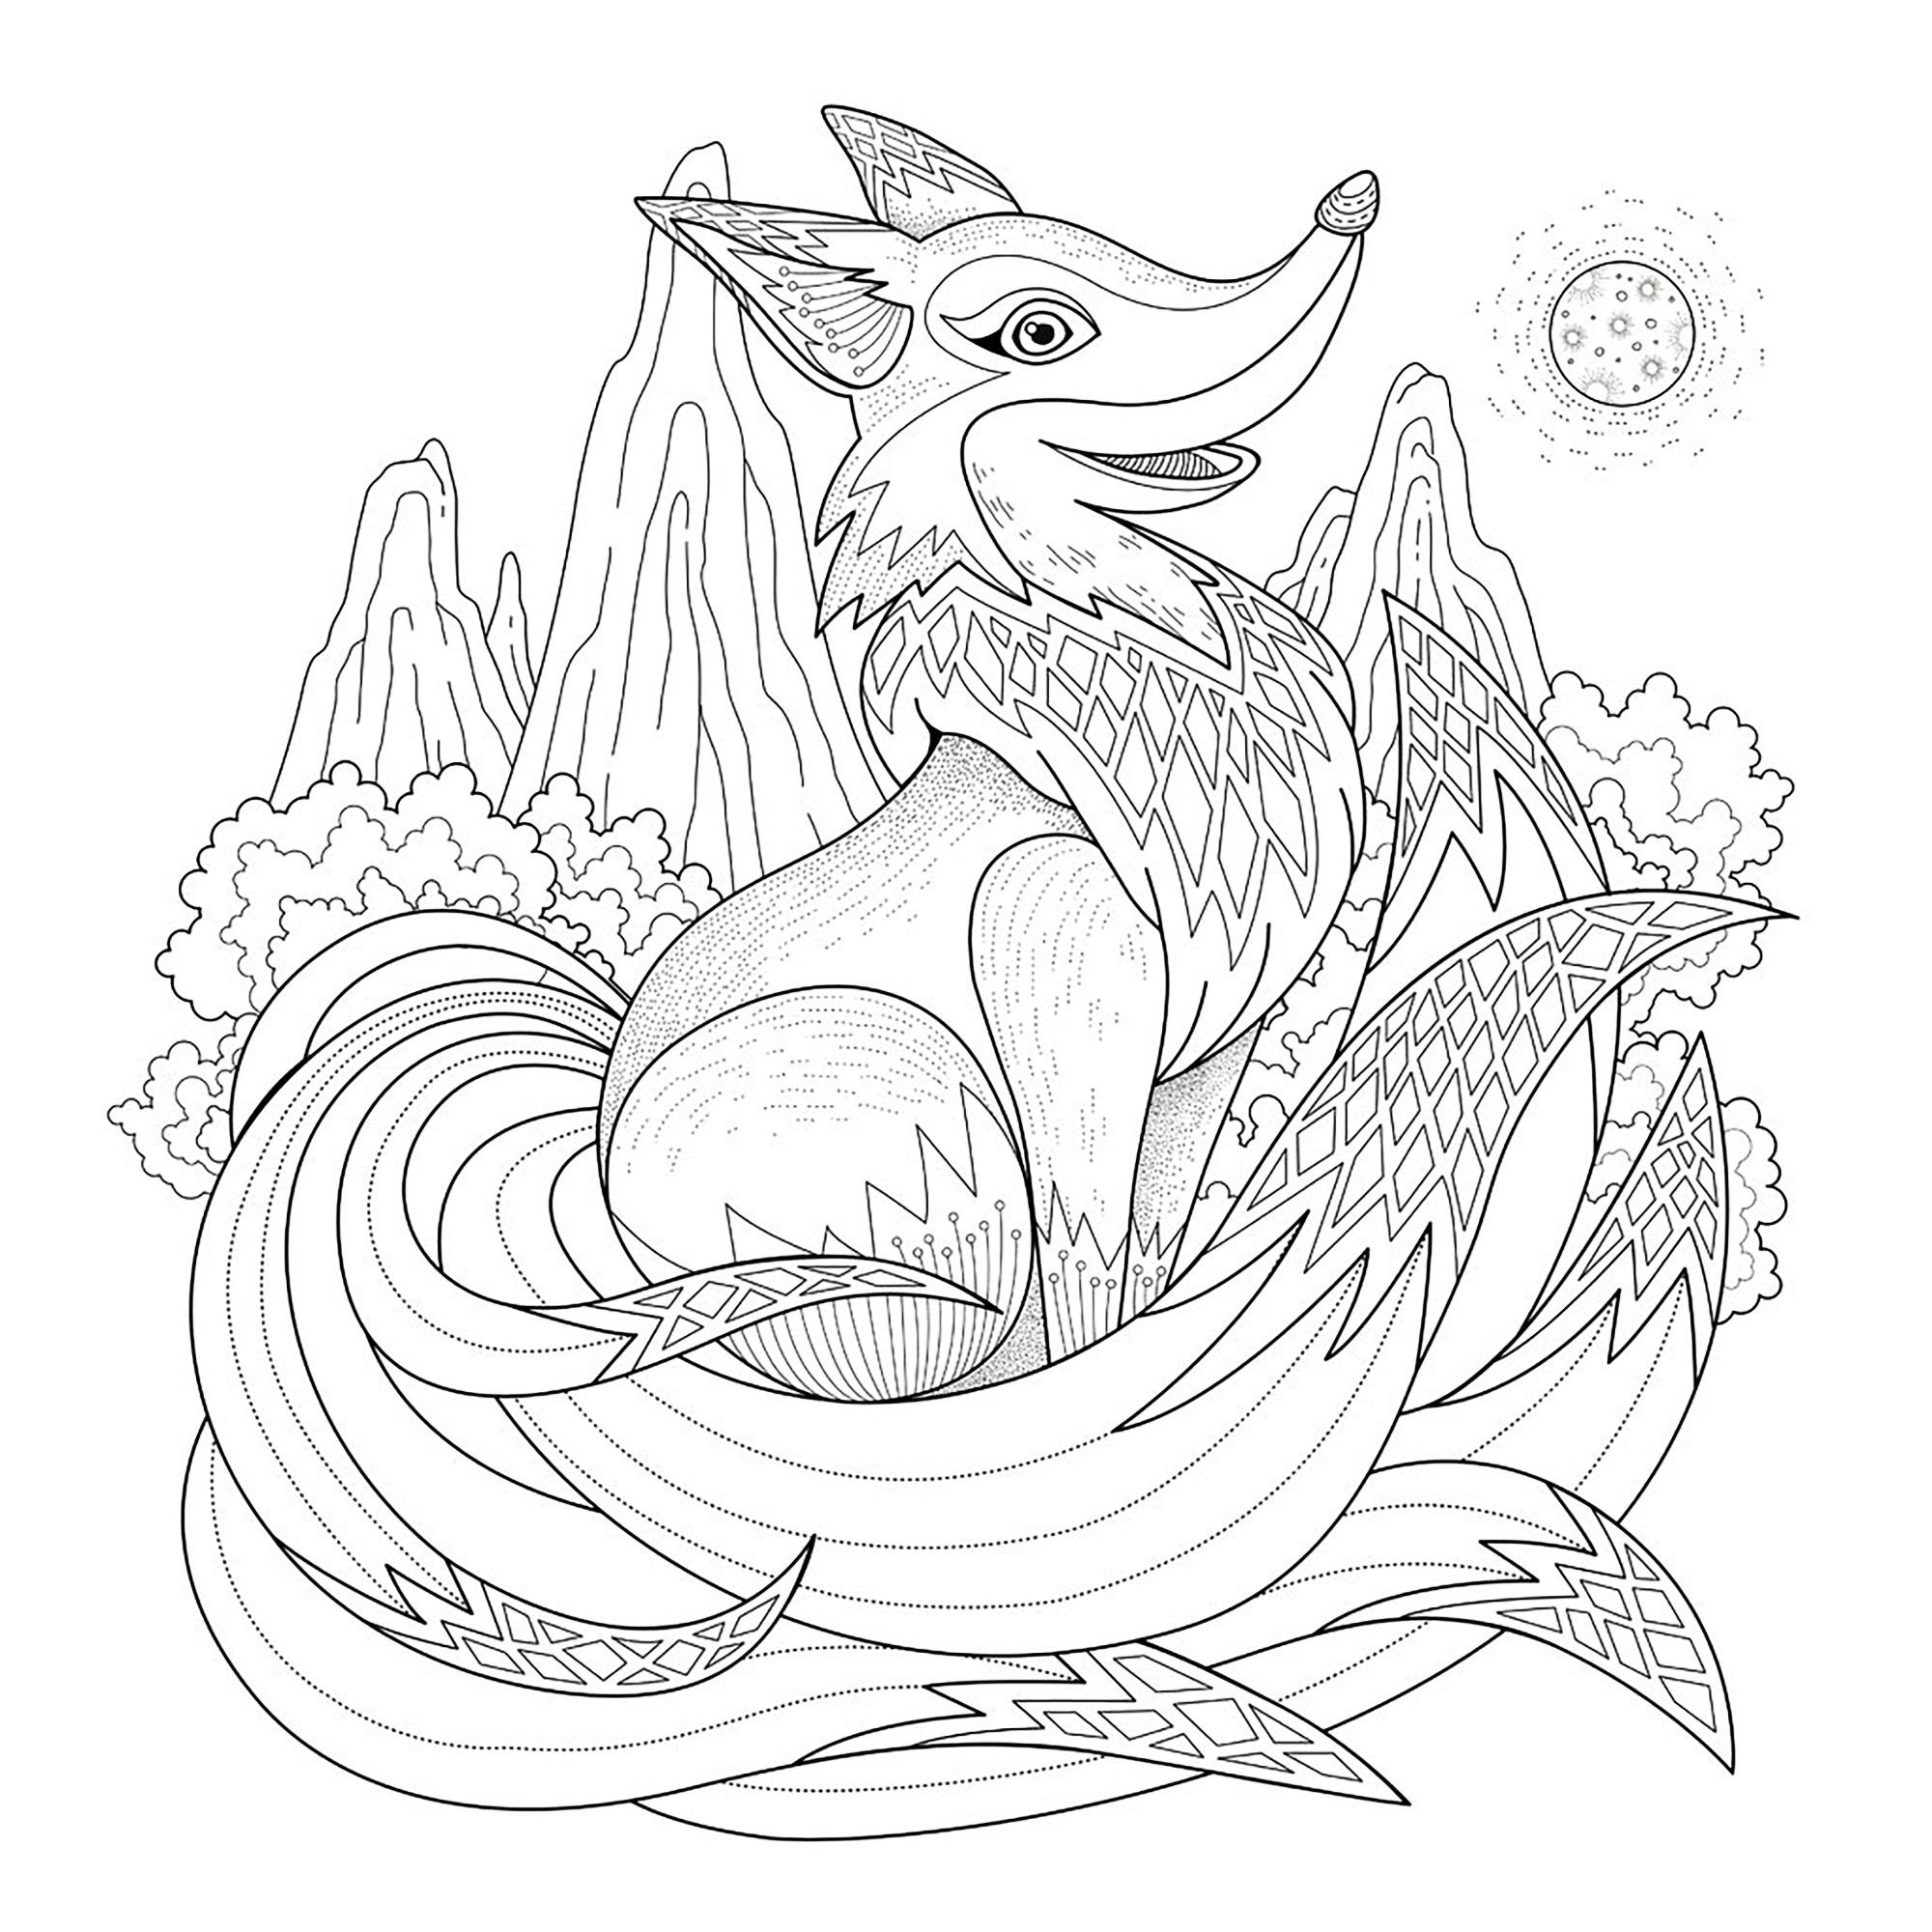 Coloriage adulte renard - Coloriage renard a imprimer gratuit ...